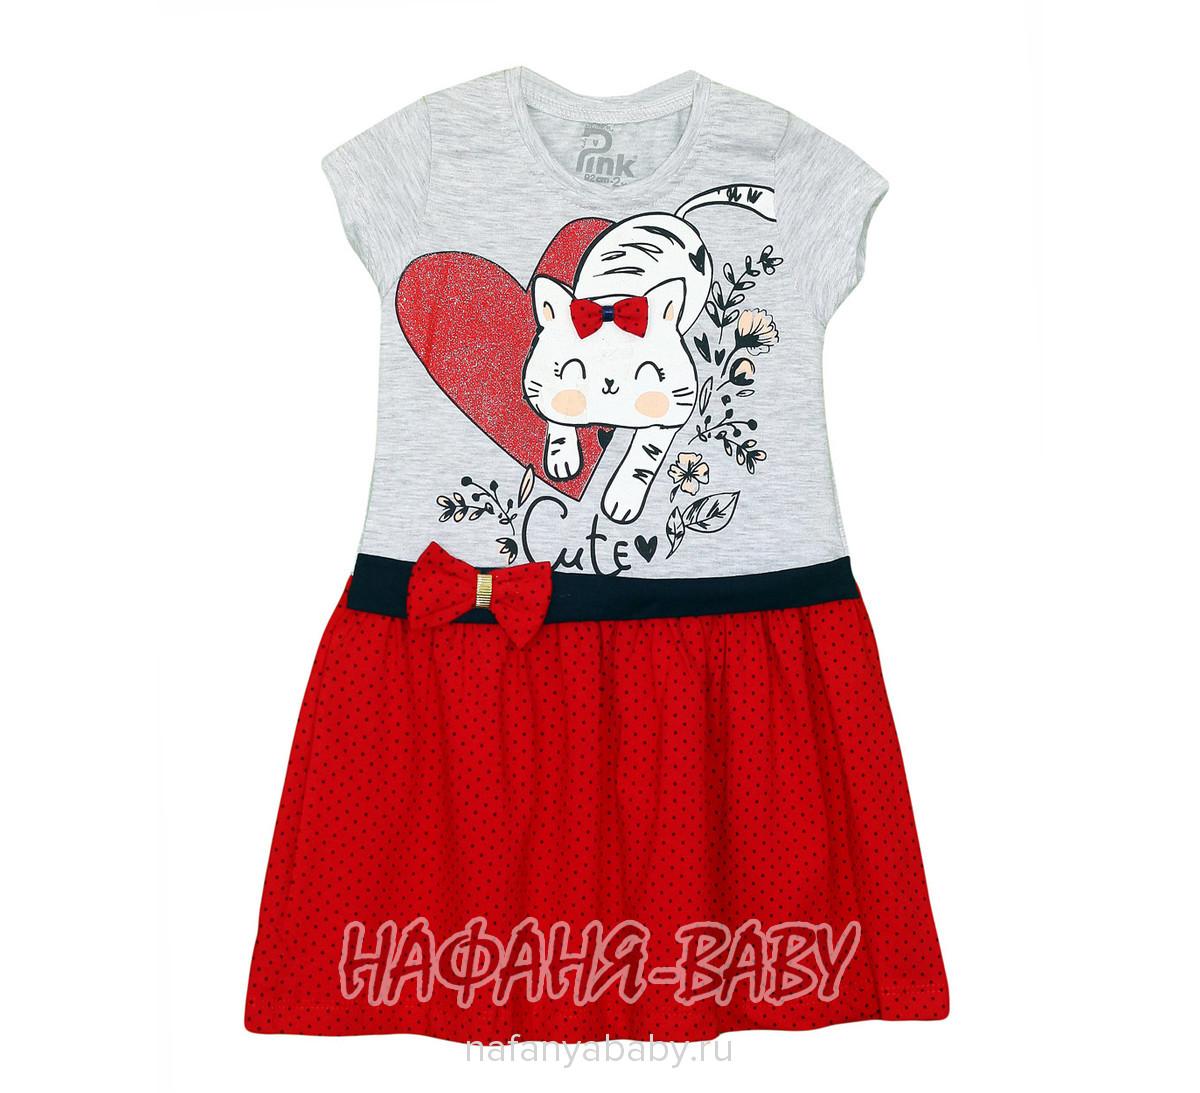 Платье с забавным котенком PINK арт: 5347, 5-9 лет, 1-4 года, цвет серый меланж с красным, оптом Турция